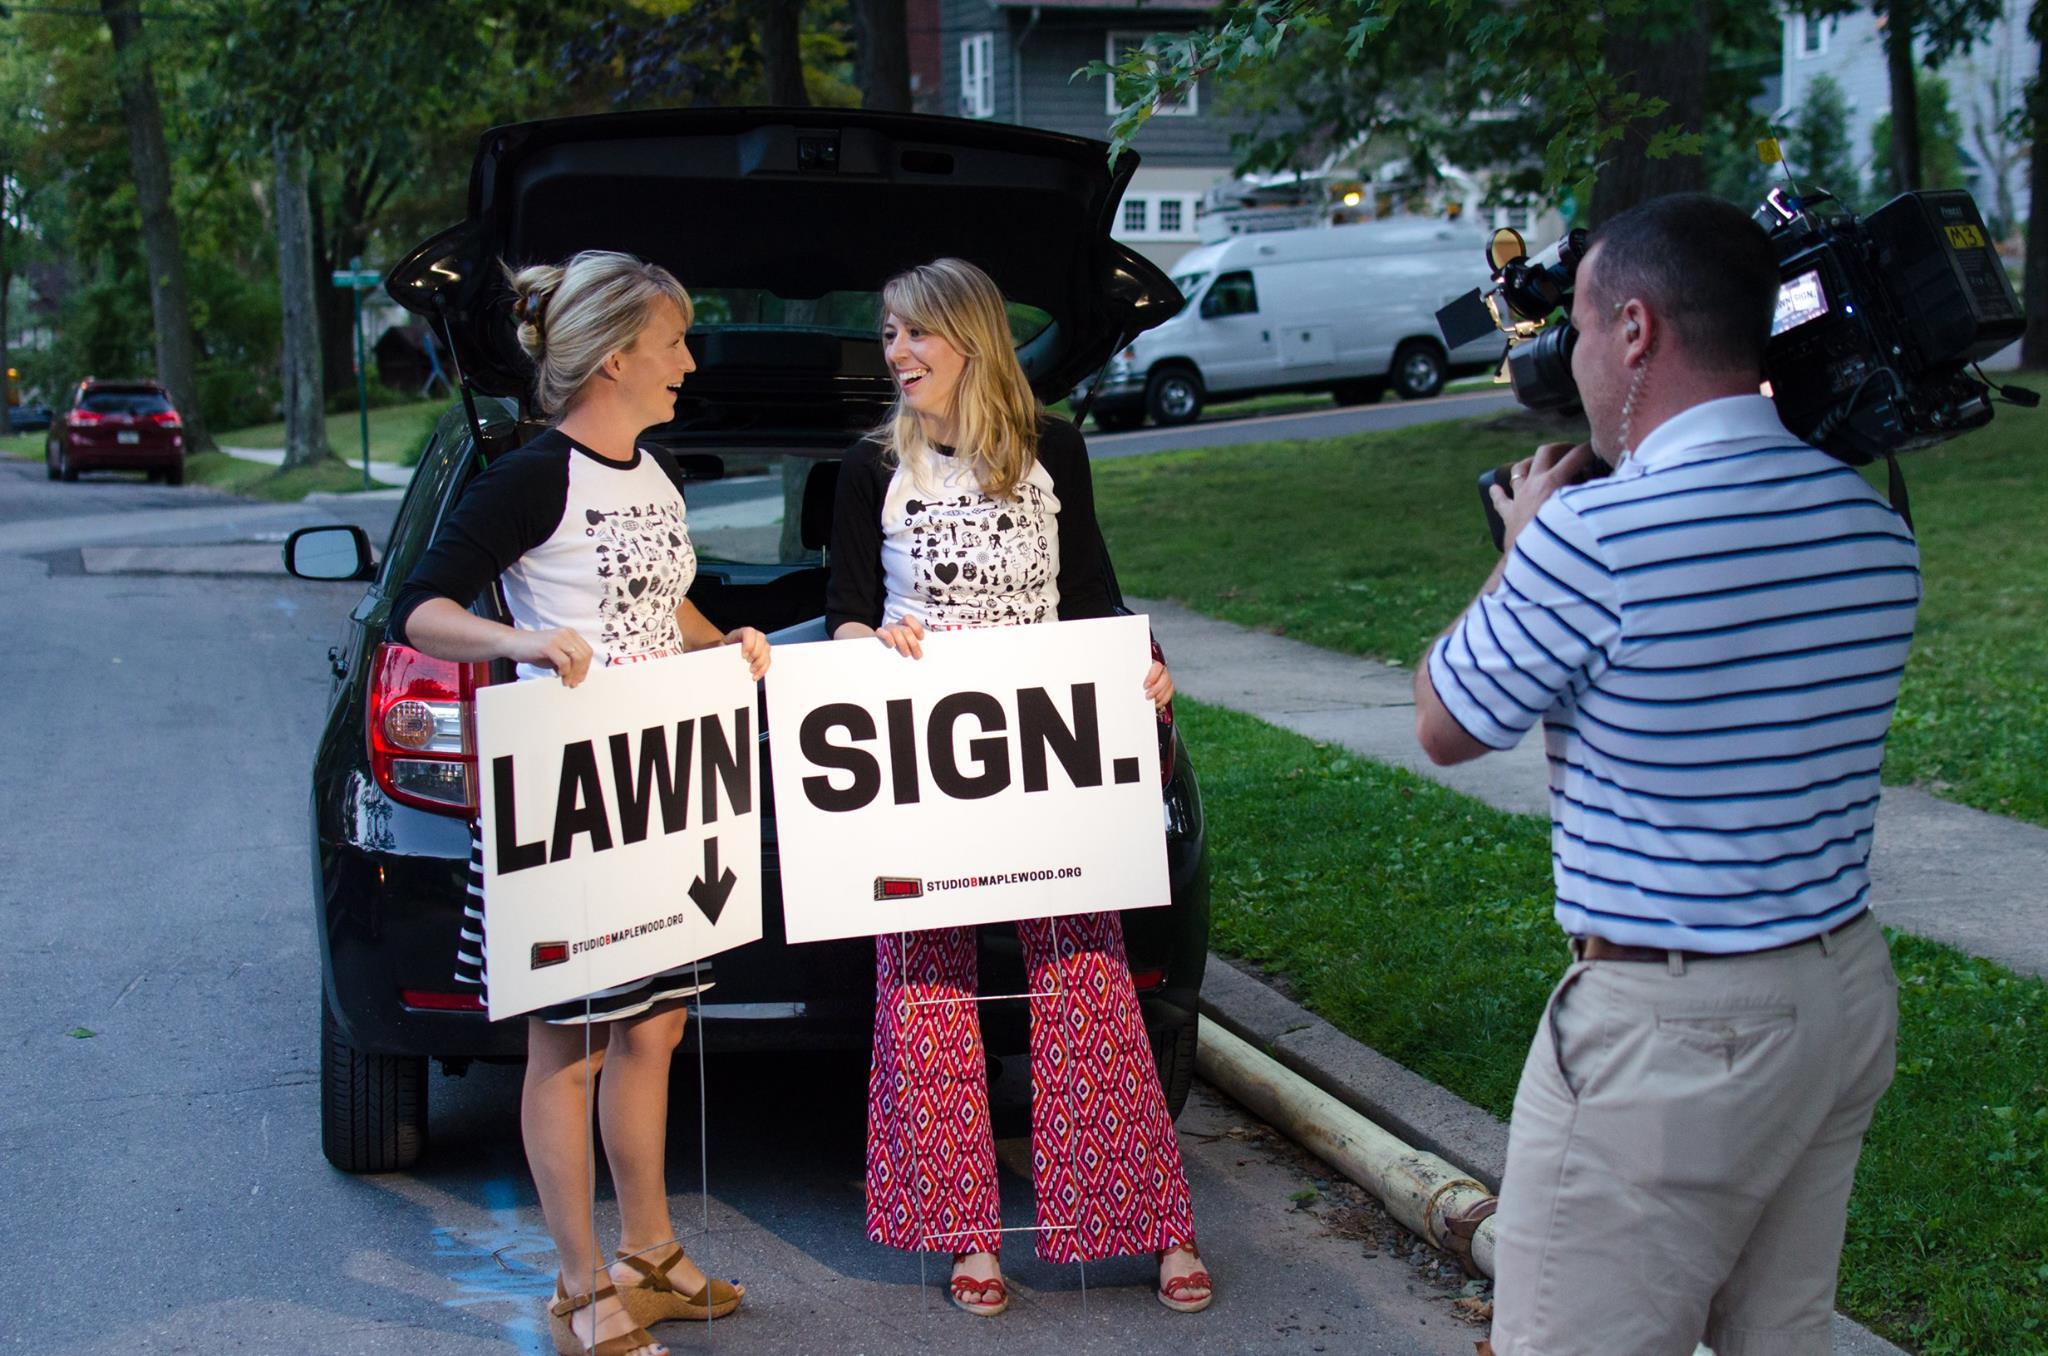 lawnsign_news.jpg